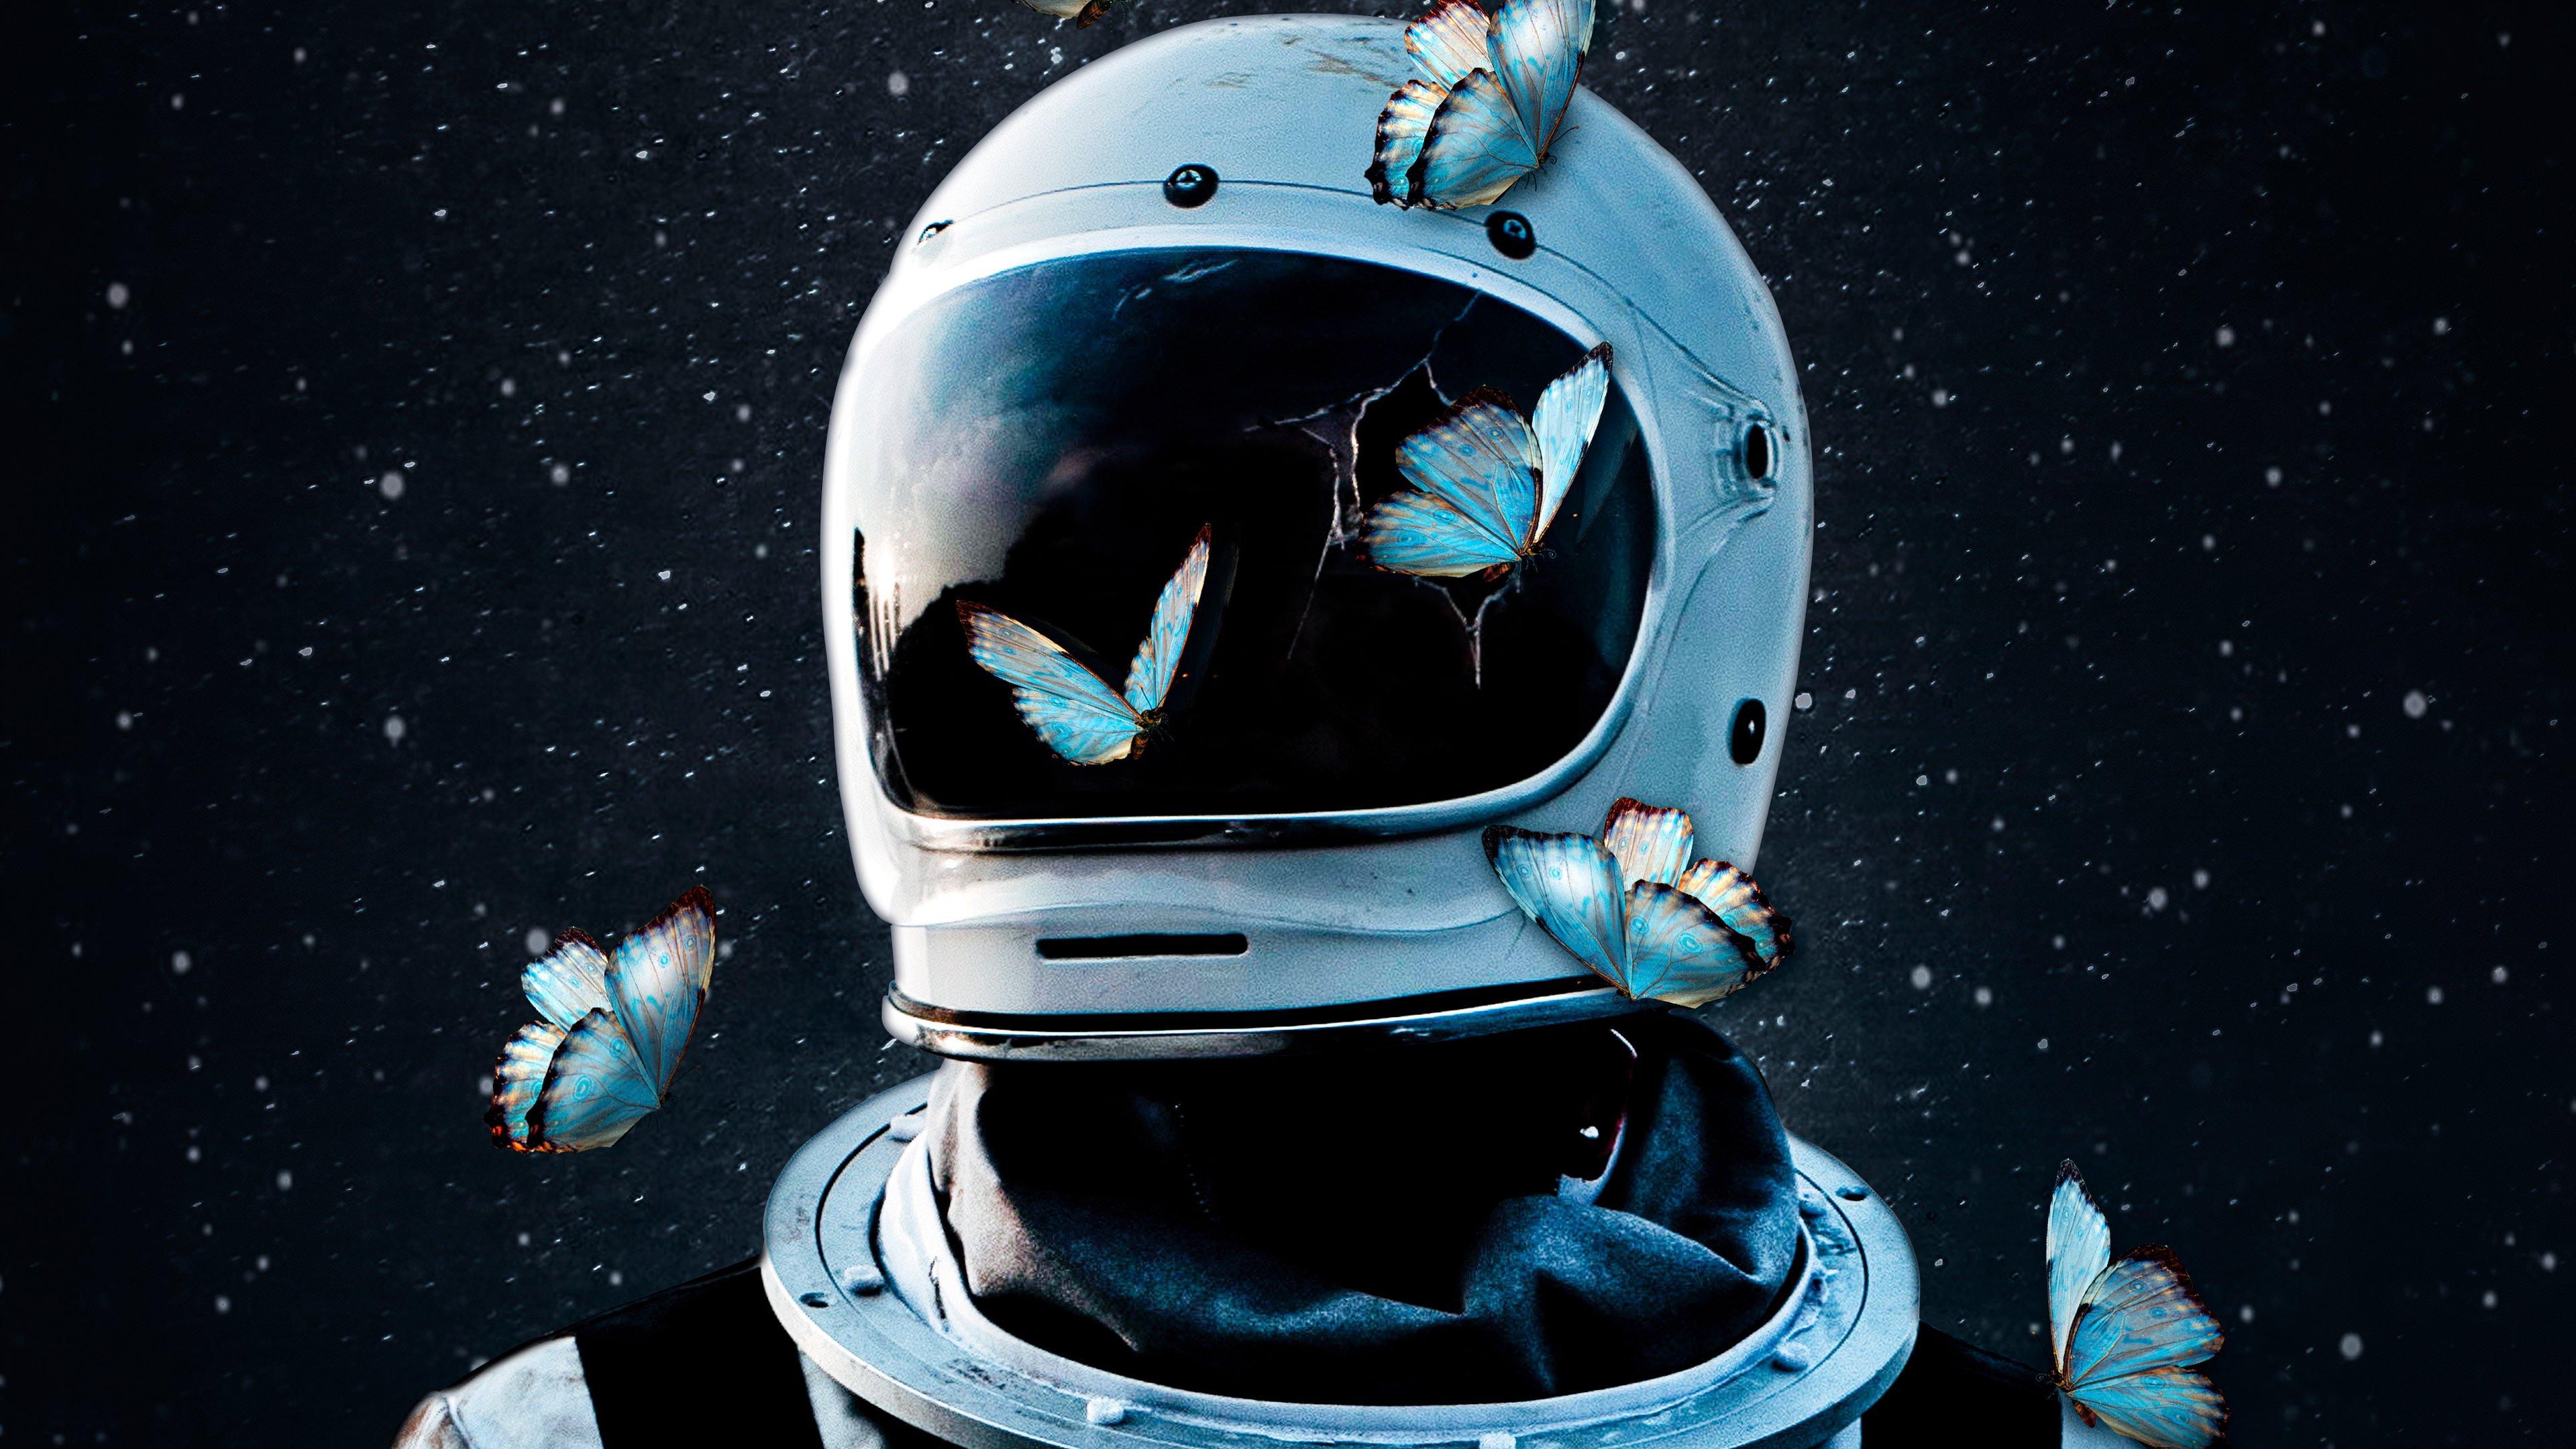 Wallpaper Astronaut with butterflies